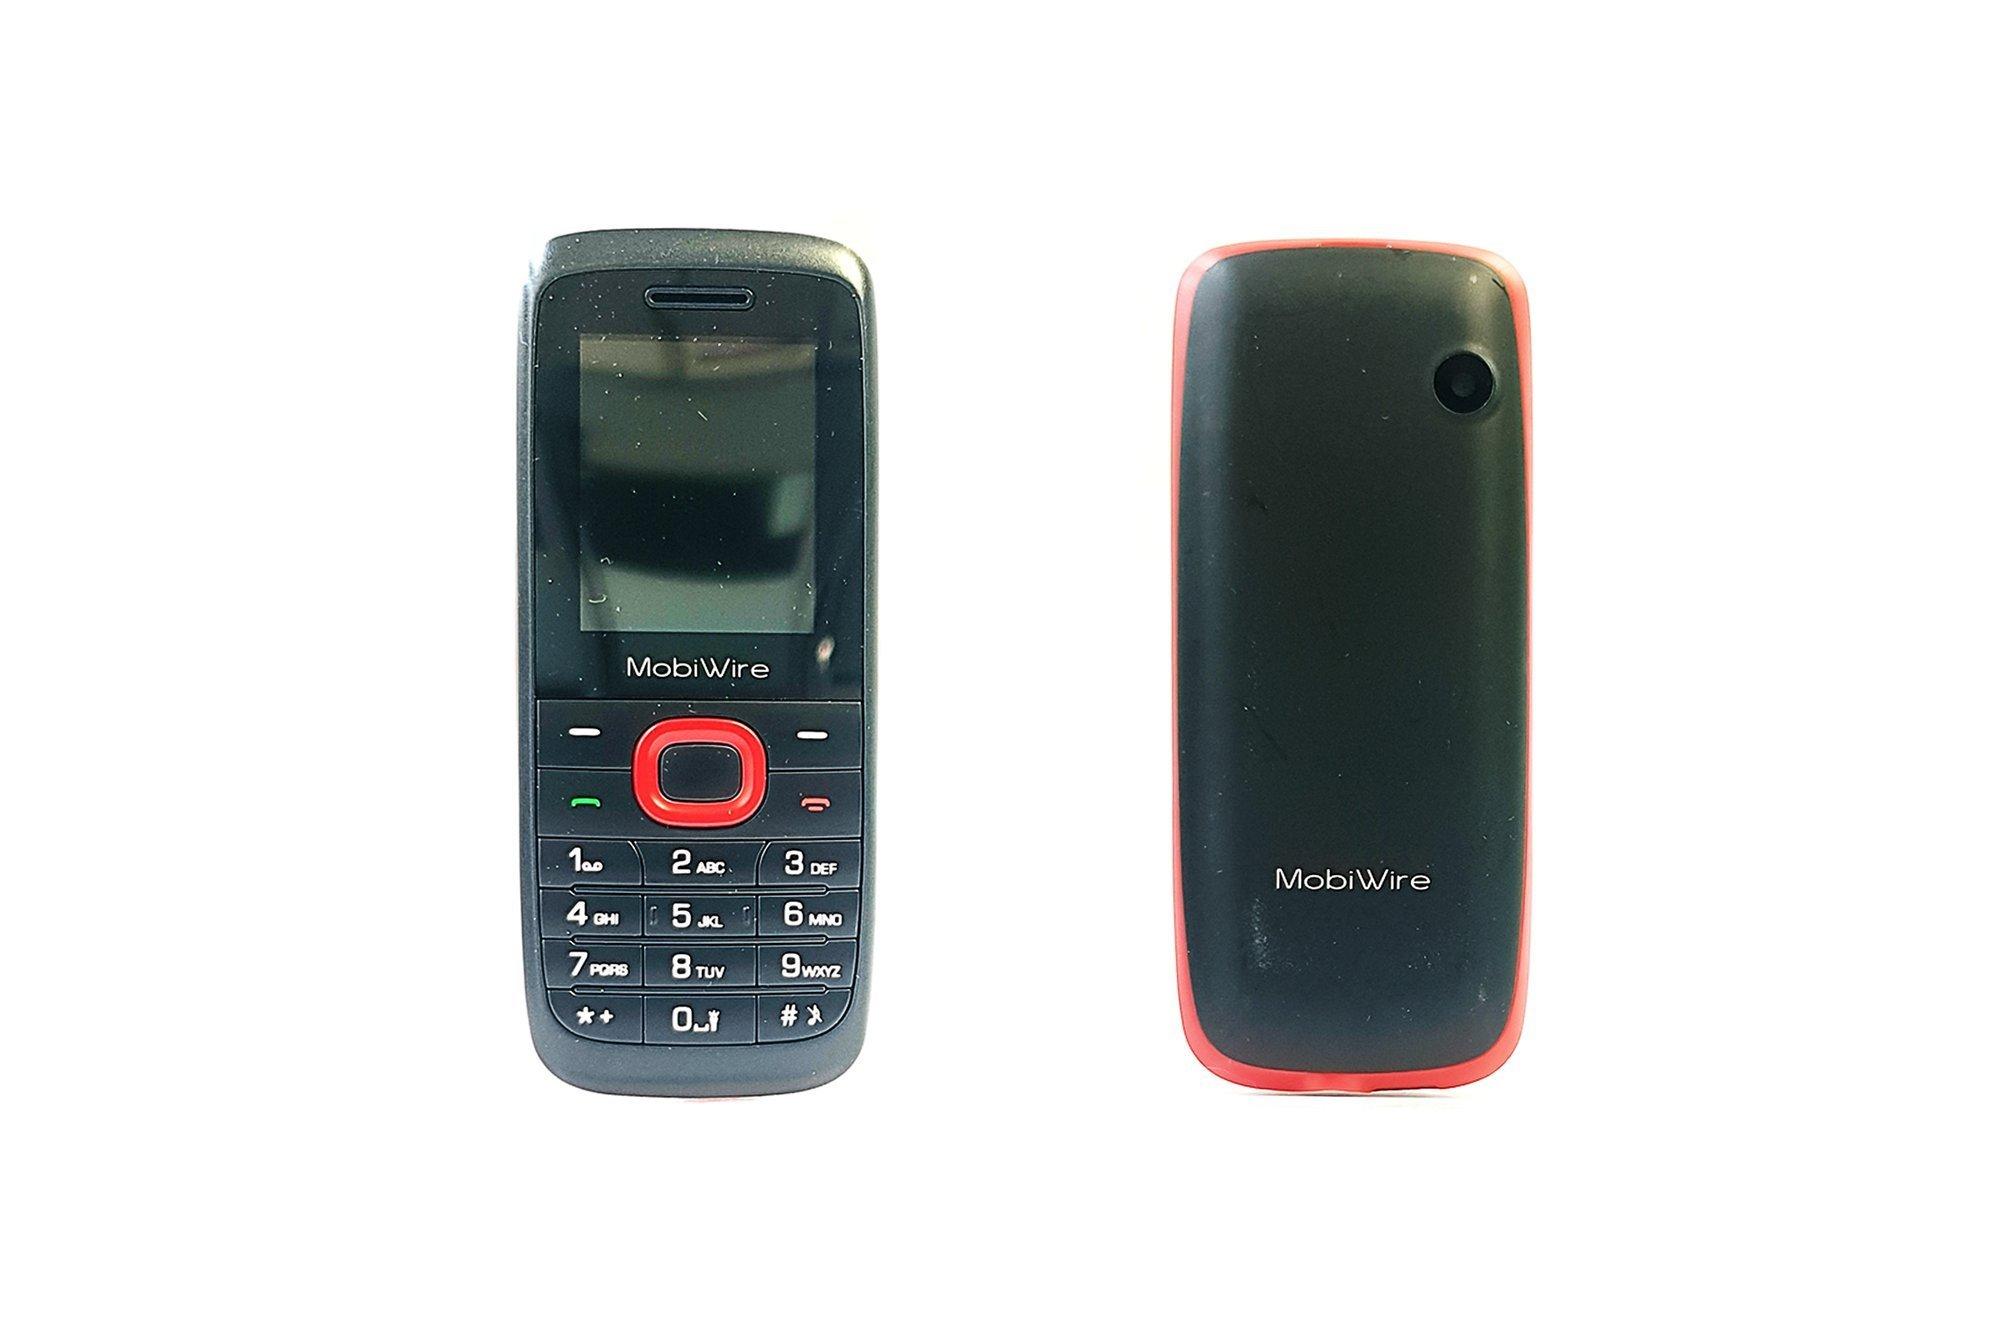 Mobile Phone MobiWire Ayasha Damaged